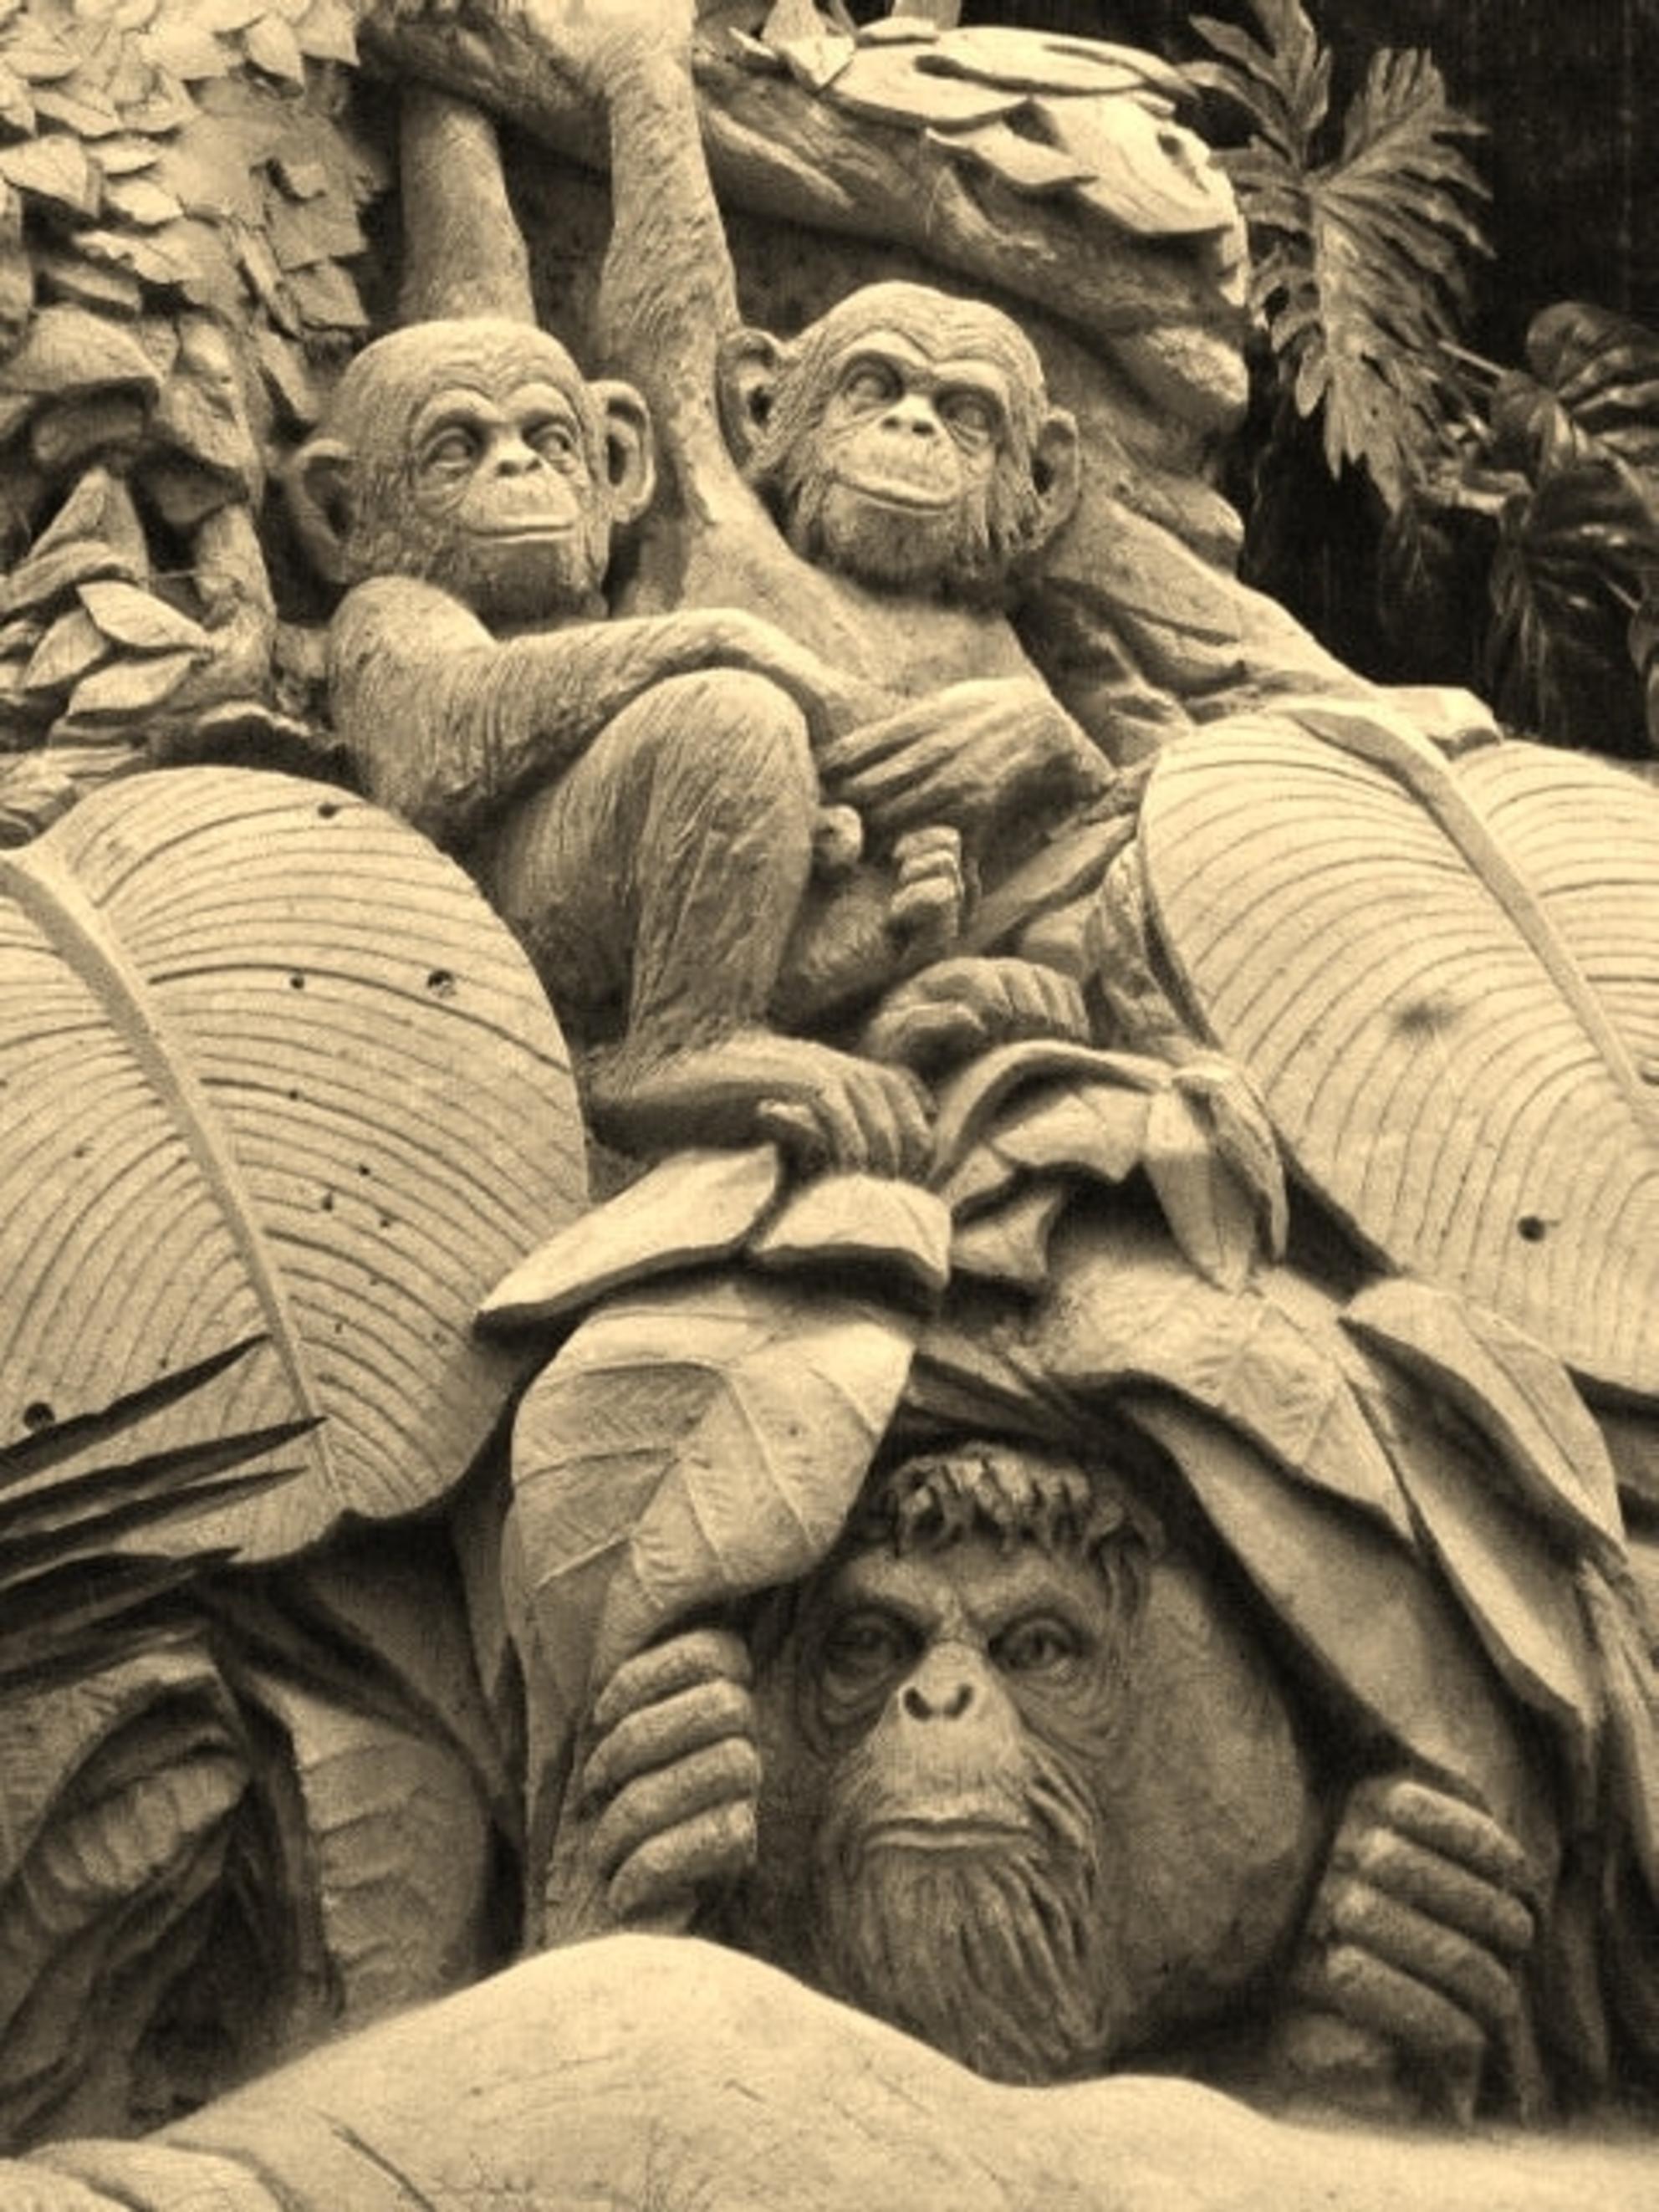 Aapjes kijken - zandsculptuur- Garderen - foto door 1Herdershond op 18-05-2019 - deze foto bevat: beelden, zand, expositie, zandsculpturen, beeldhouwwerk, sculpturen, apenafbeelding, aapjes afbeelding - Deze foto mag gebruikt worden in een Zoom.nl publicatie